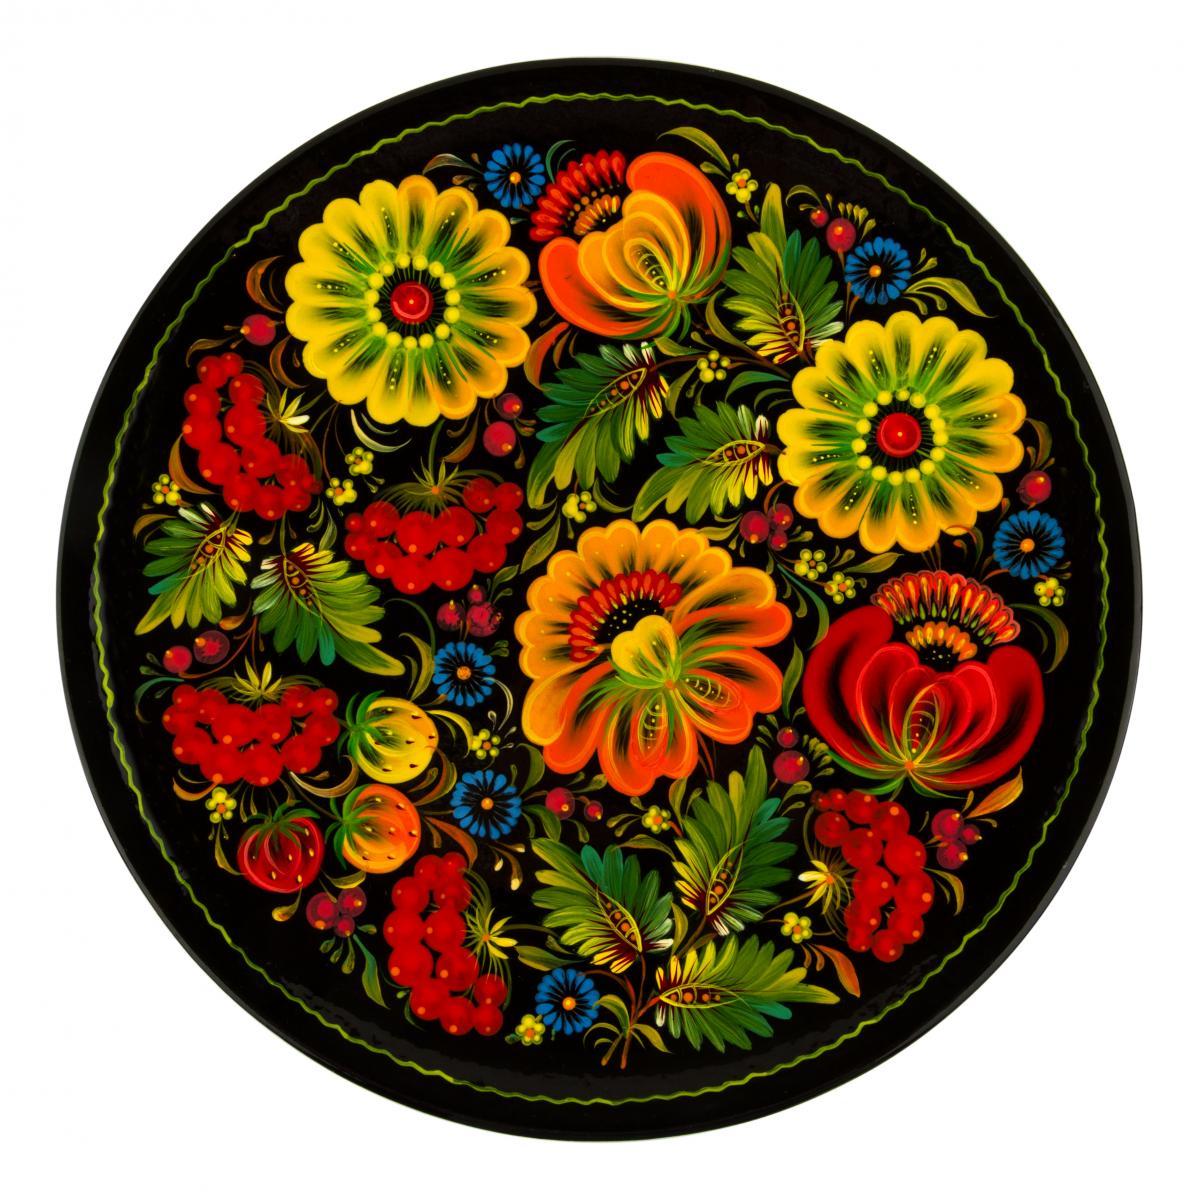 Расписная сувенирная тарелка с Петриковской росписью, 30 см. Фото №1.   Народный дом Украина